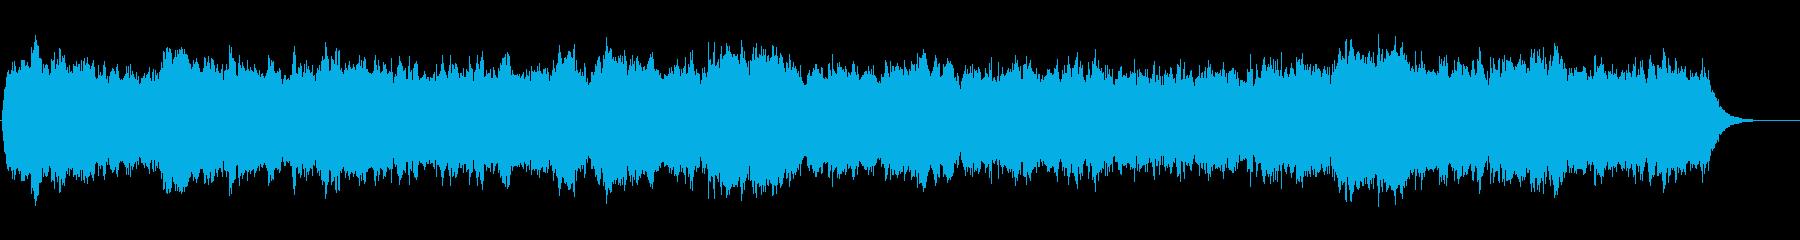 三声の壮大なパイプオルガン曲の再生済みの波形